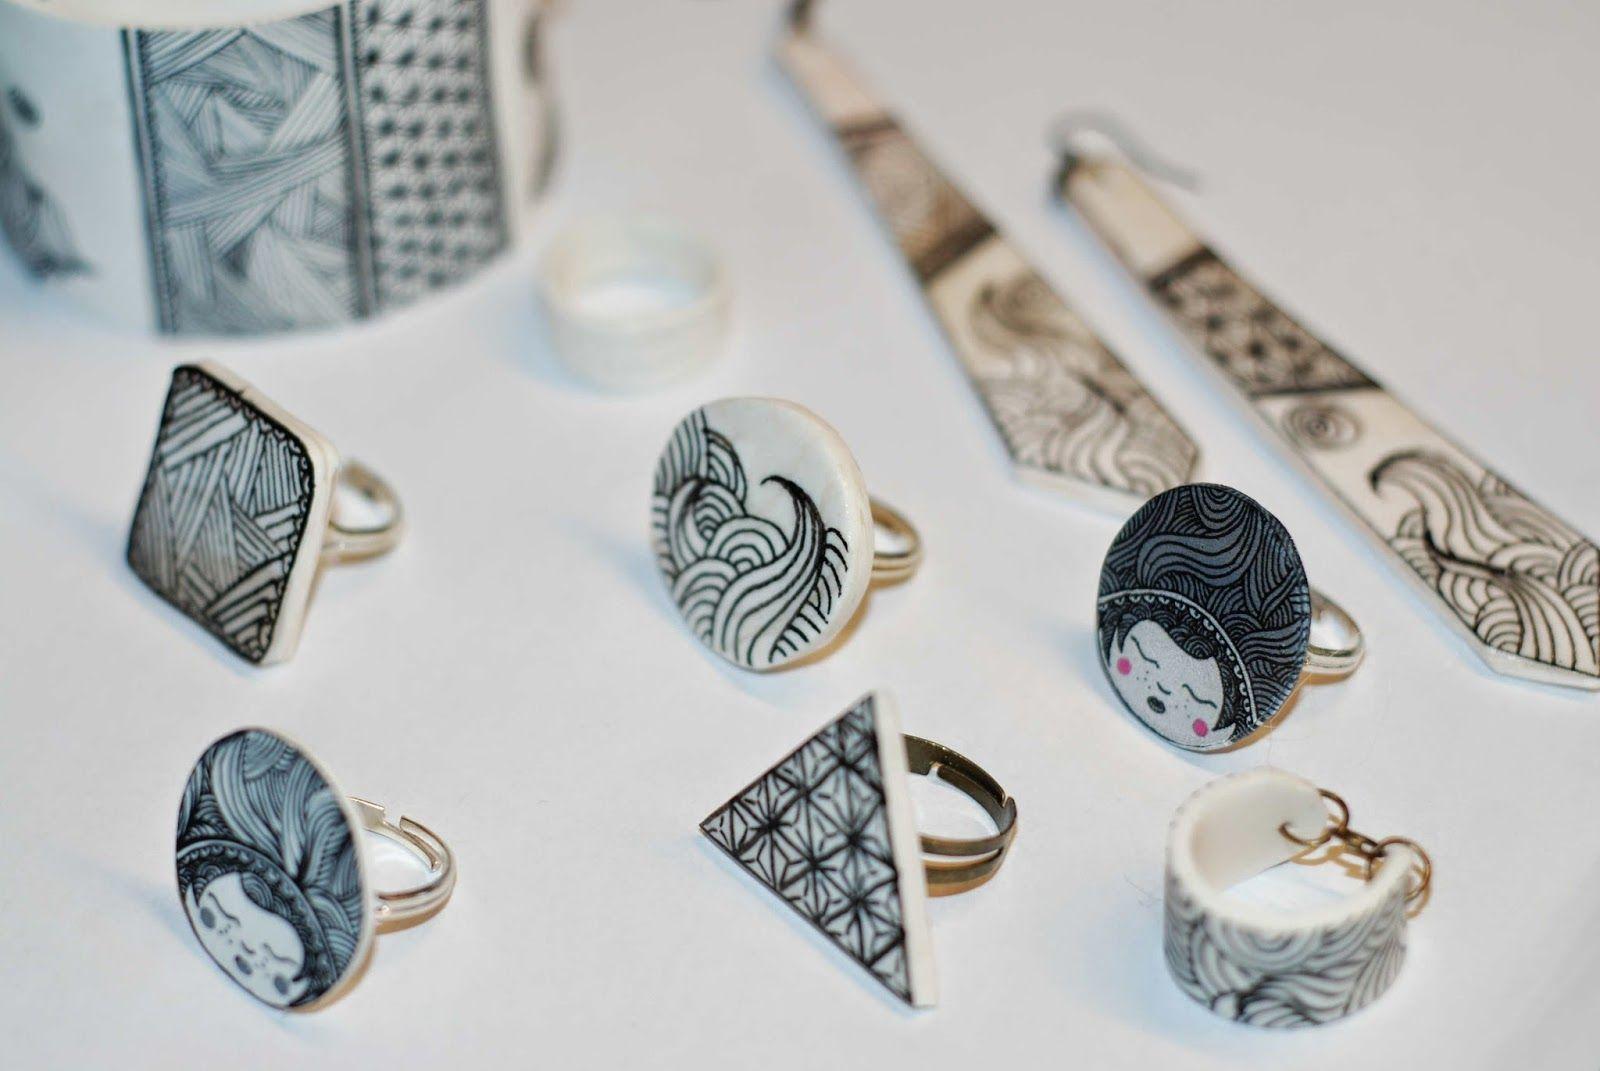 Tambouille et bagatelle Une palette de bijoux graphiques